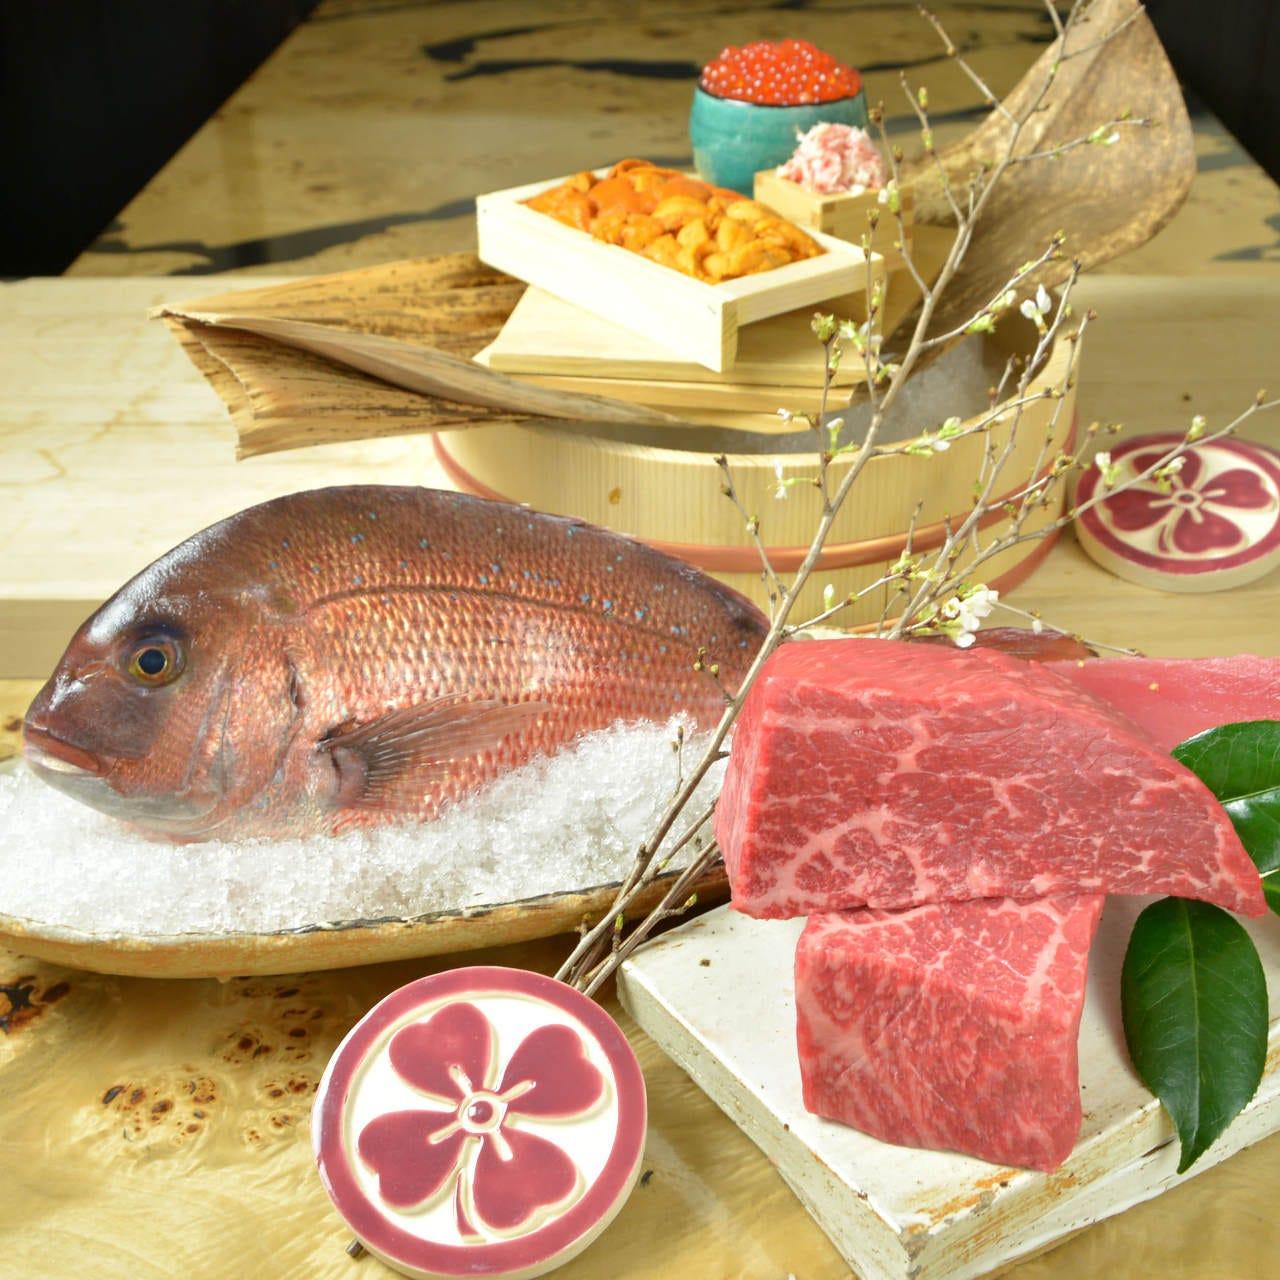 【特撰!■毘沙門コース】ご接待やご家族の祝いに厳選産直食材を味わう特別な本格懐石とうどんのコース